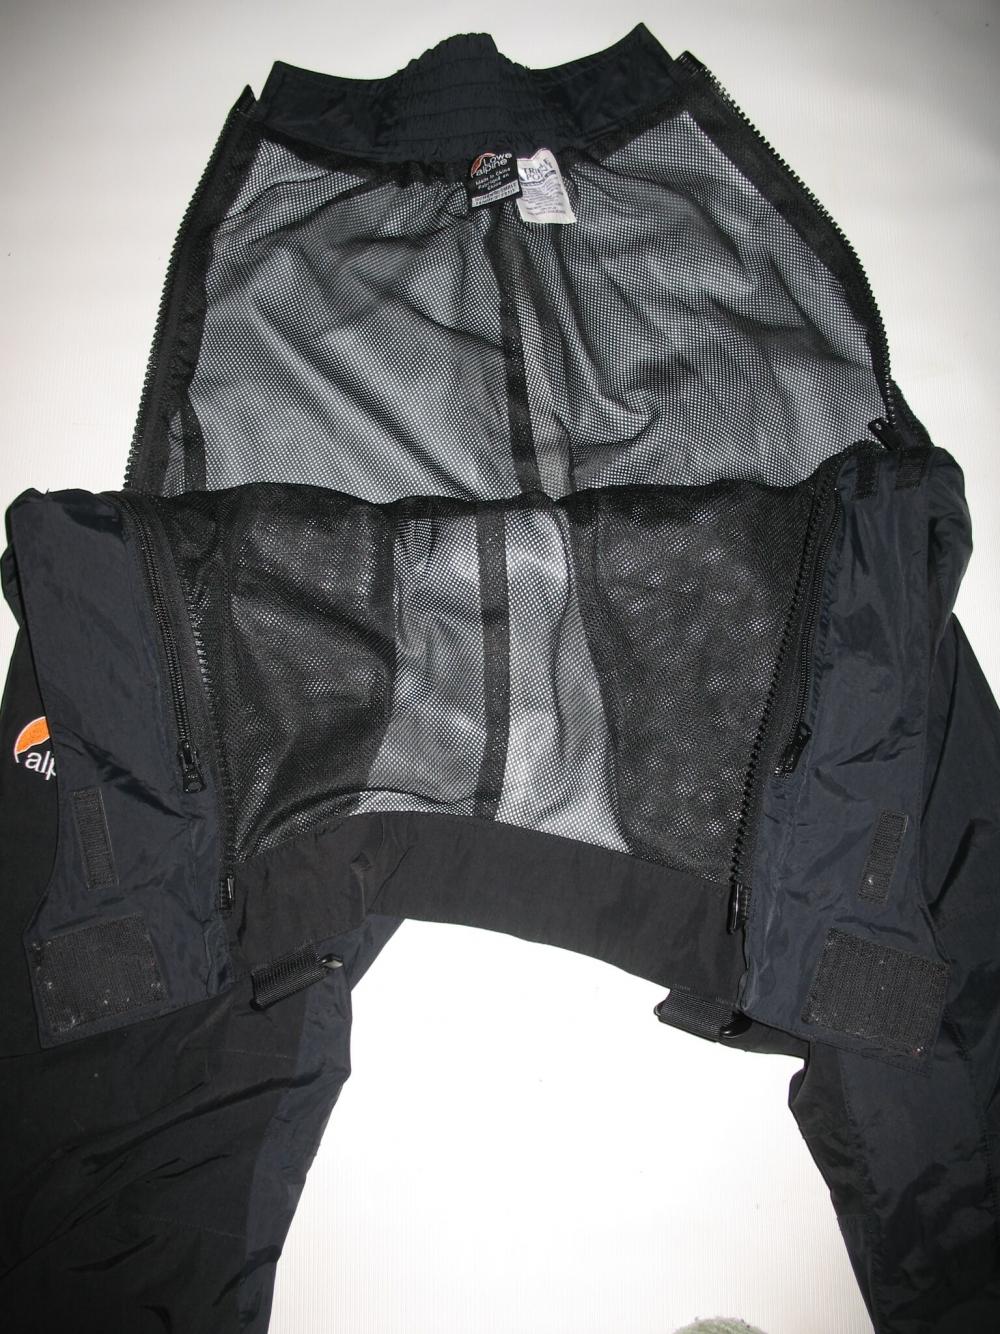 Штаны LOWE ALPINE pants lady/unisex (размер S) - 8